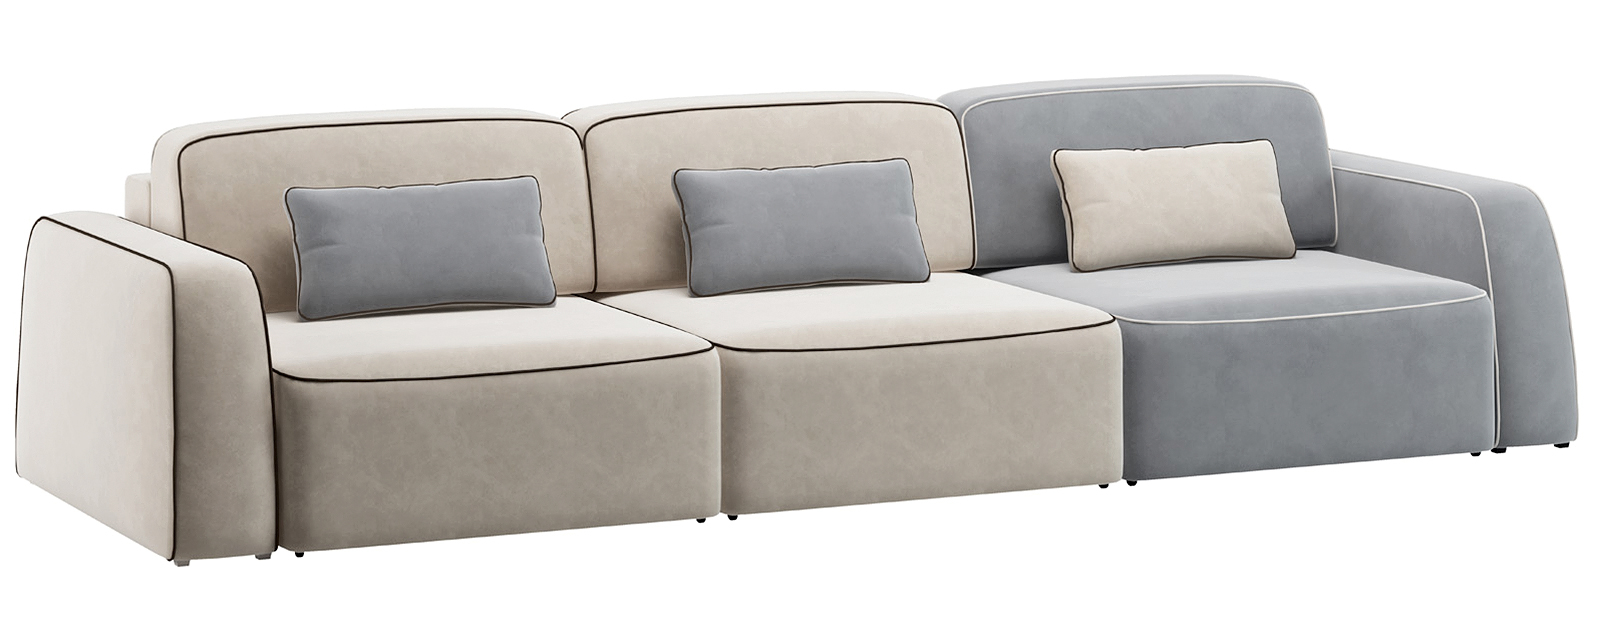 Модульный диван Портленд 300 см Вариант №1 Velutto серый/бежевый (Велюр)